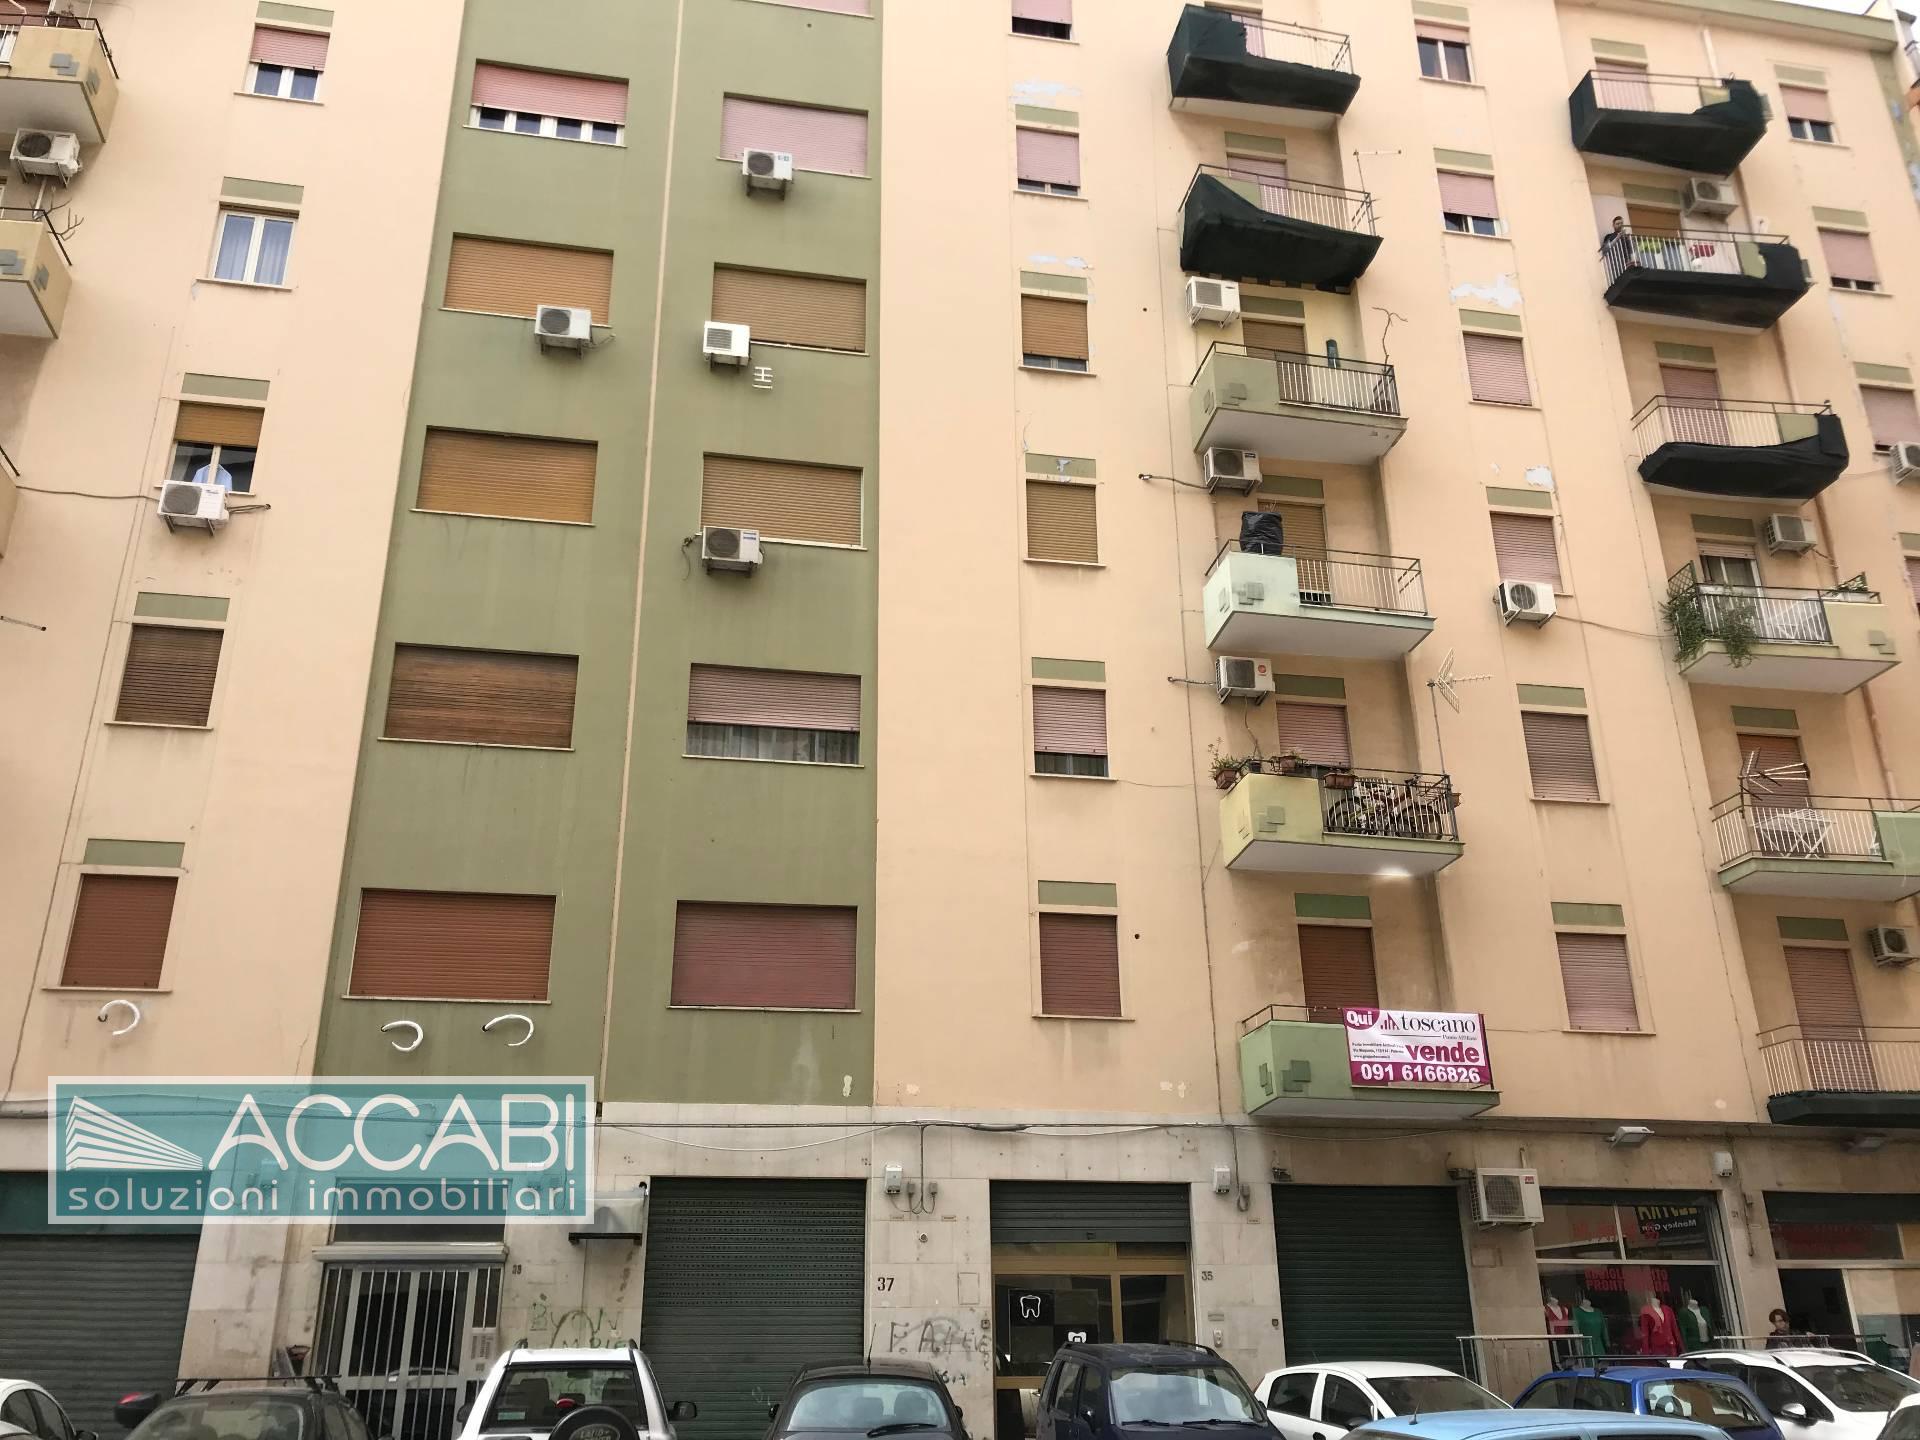 Appartamento in vendita a Palermo, 5 locali, zona Località: Archirafi, prezzo € 114.000 | CambioCasa.it